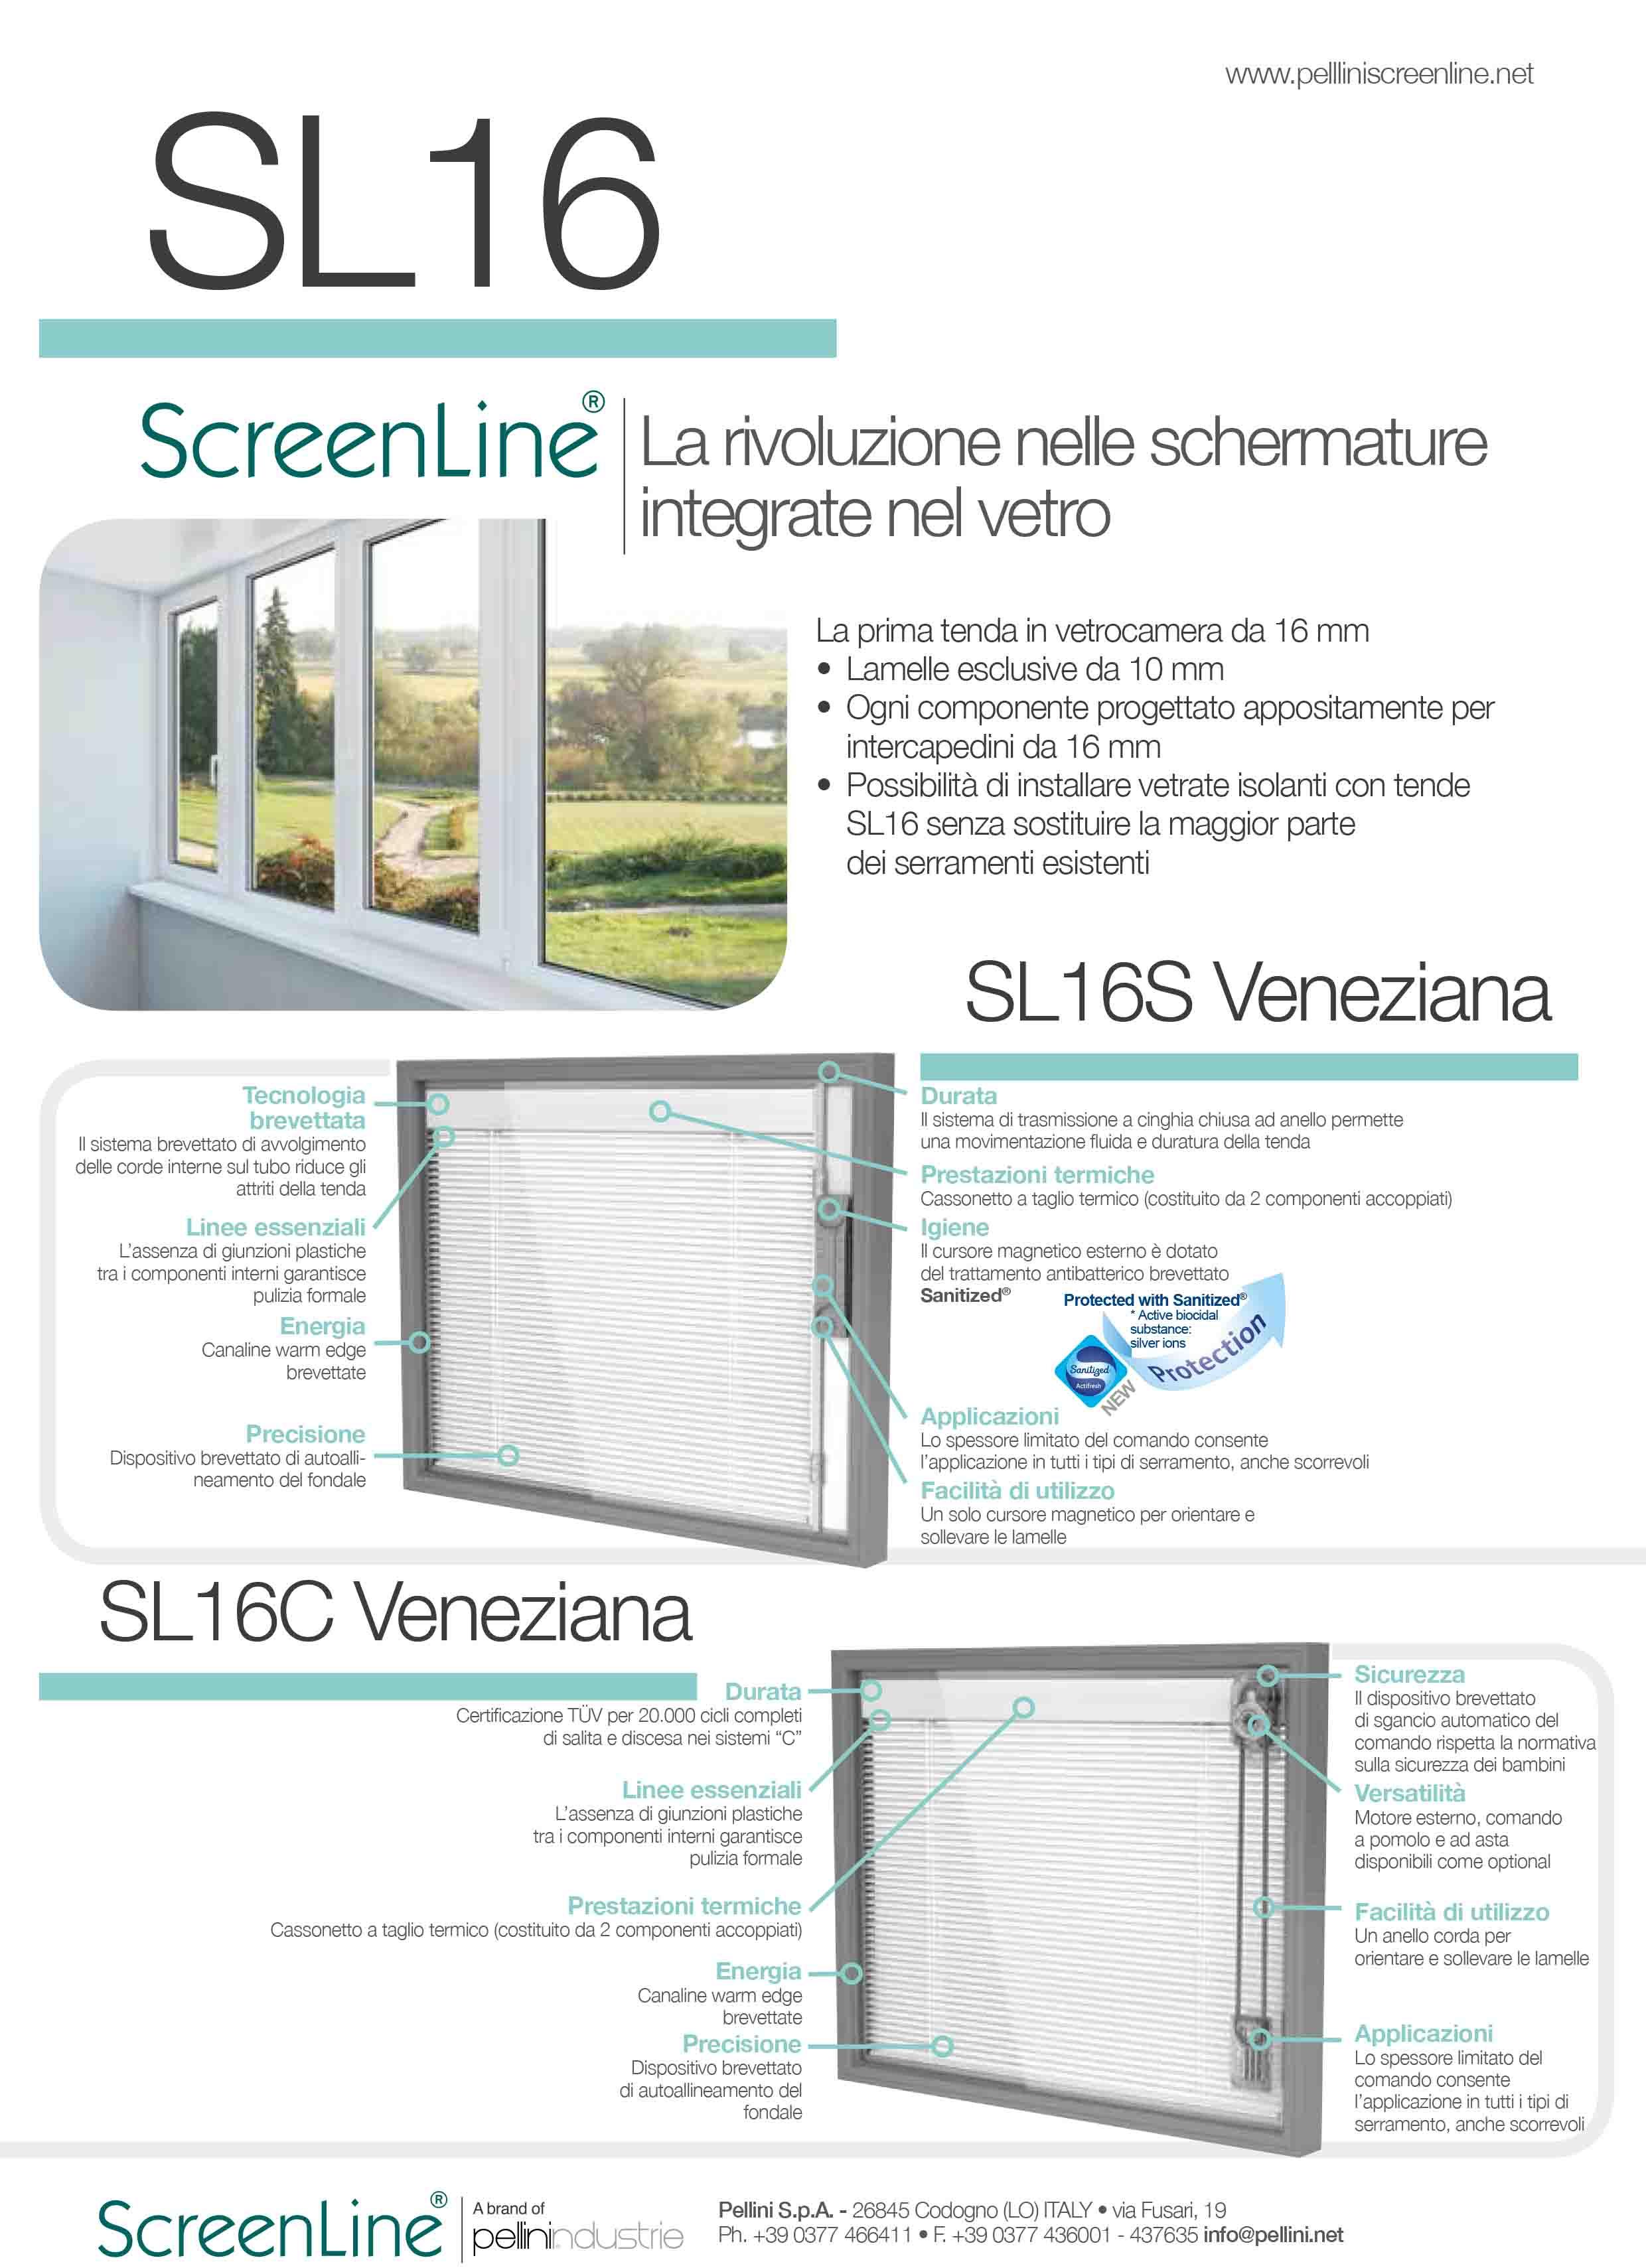 Finestre Con Veneziane Incorporate Prezzi predari vetri - tenda veneziana per vetrocamera da 16mm